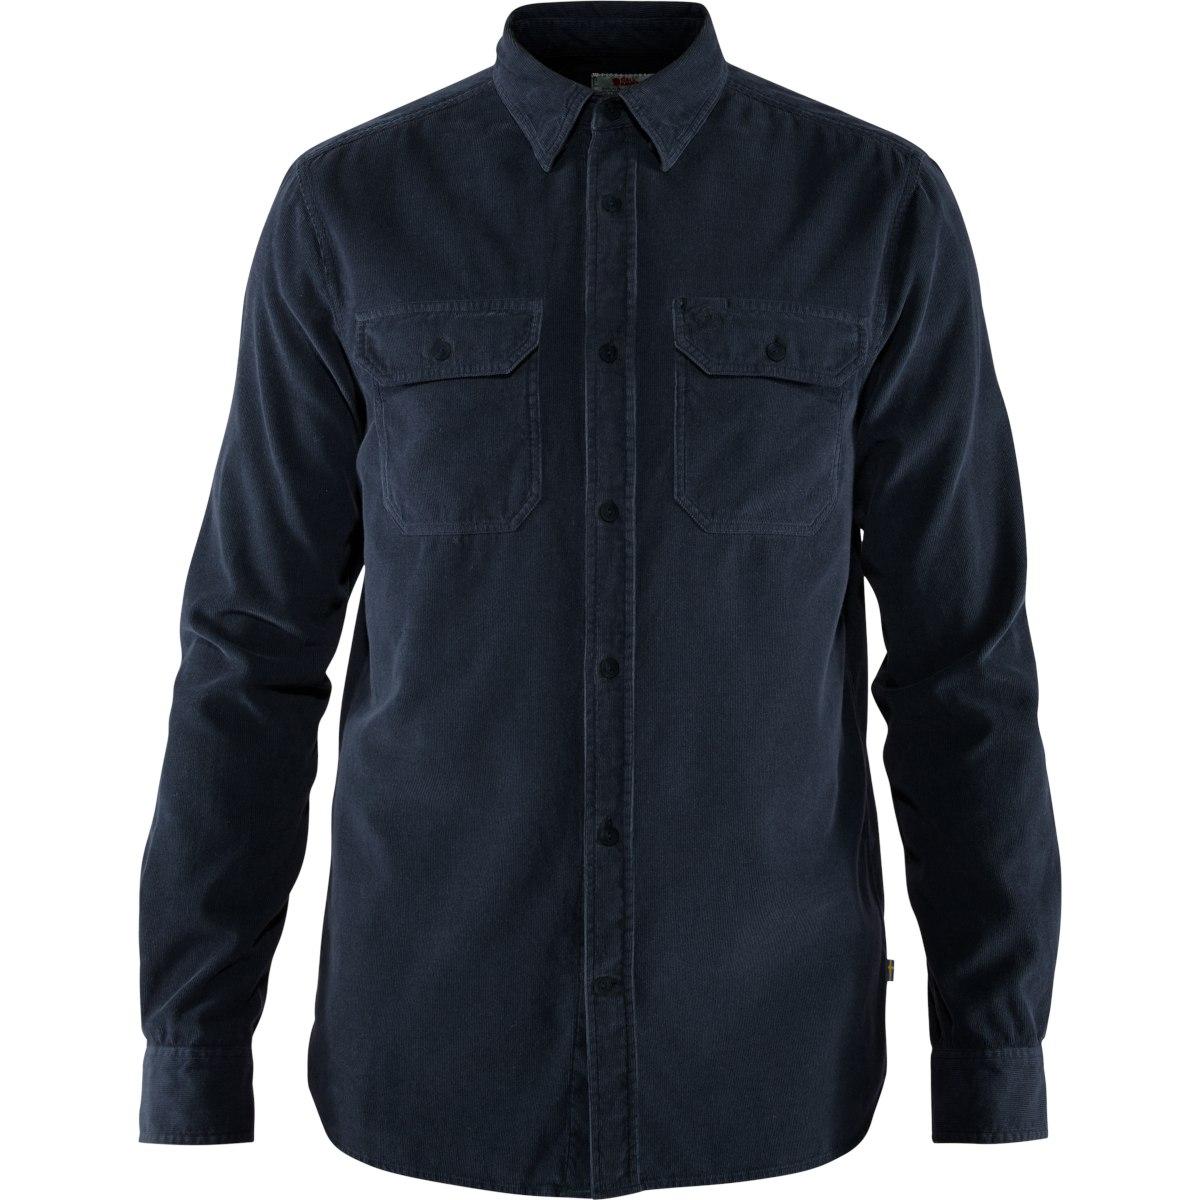 Fjällräven Övik Cord Shirt - dark navy